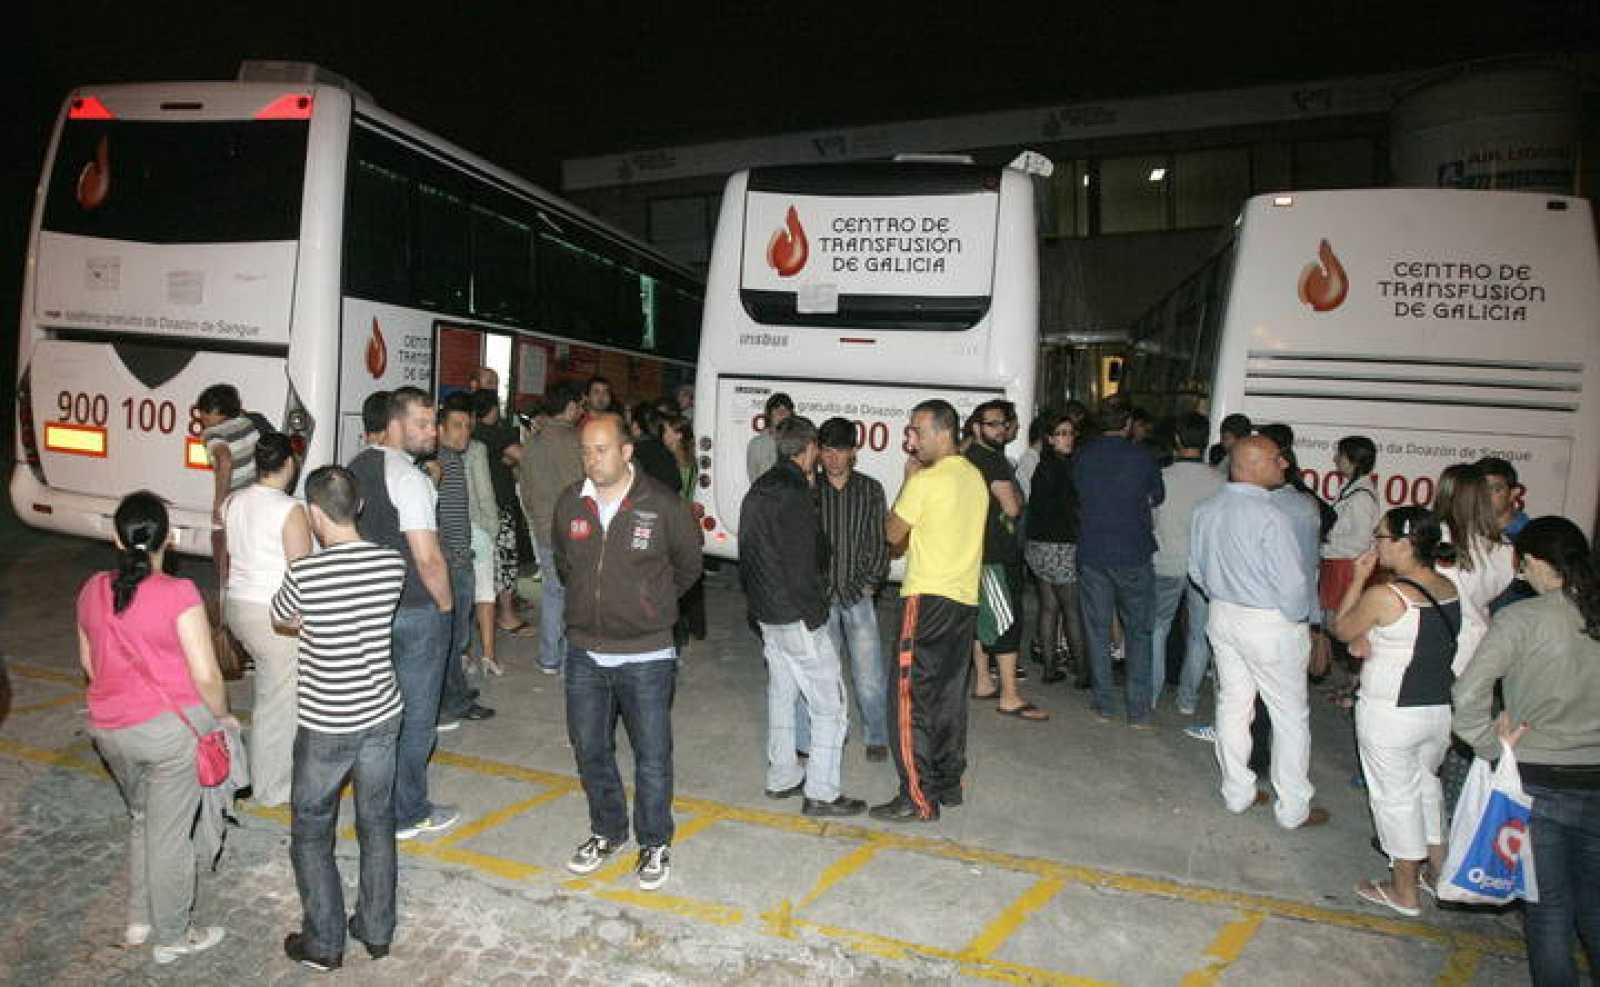 Numerosos ciudadanos han respondido a la petición de donar sangre en el centro de Transfusión de Galicia.